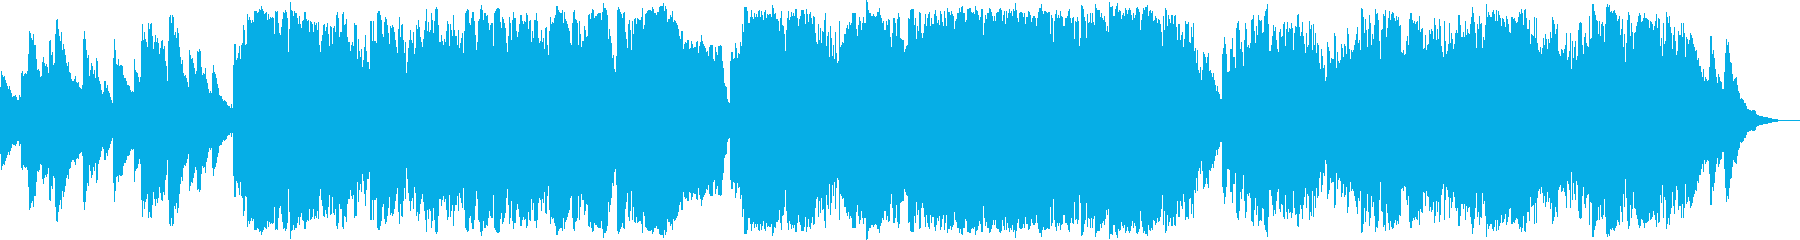 シネマティック サスペンス 静か ...の再生済みの波形